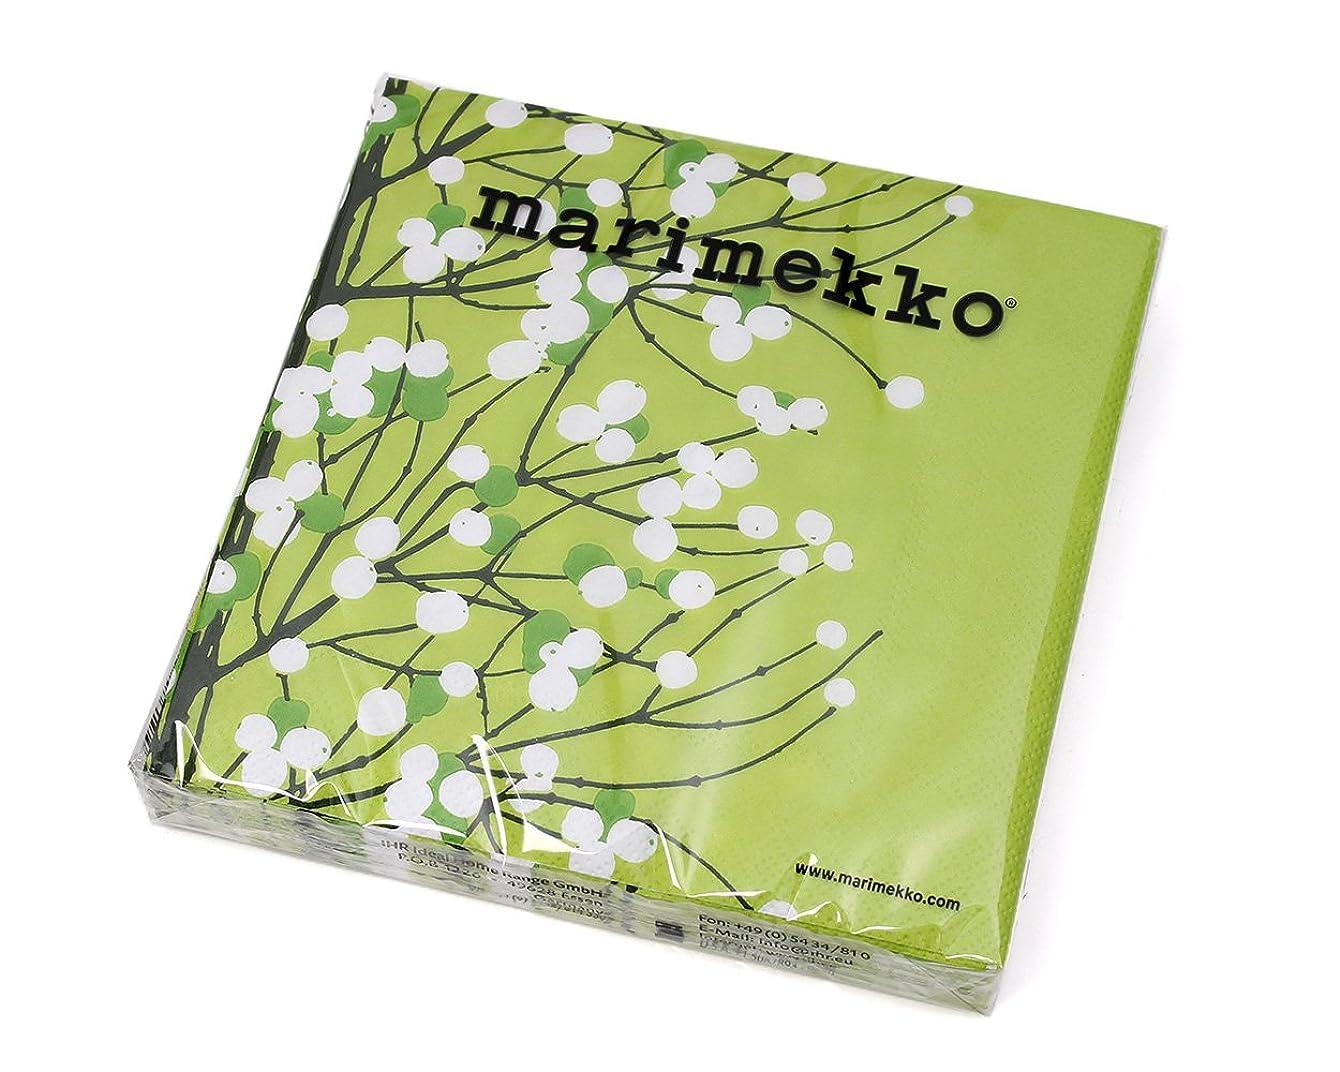 洞察力のあるステレオタイプ不調和マリメッコ(marimekko) ペーパーナプキン ルミマルヤ ライトグリーン 33x33cm 20枚入り LUMIMARJA 552929 [並行輸入品]